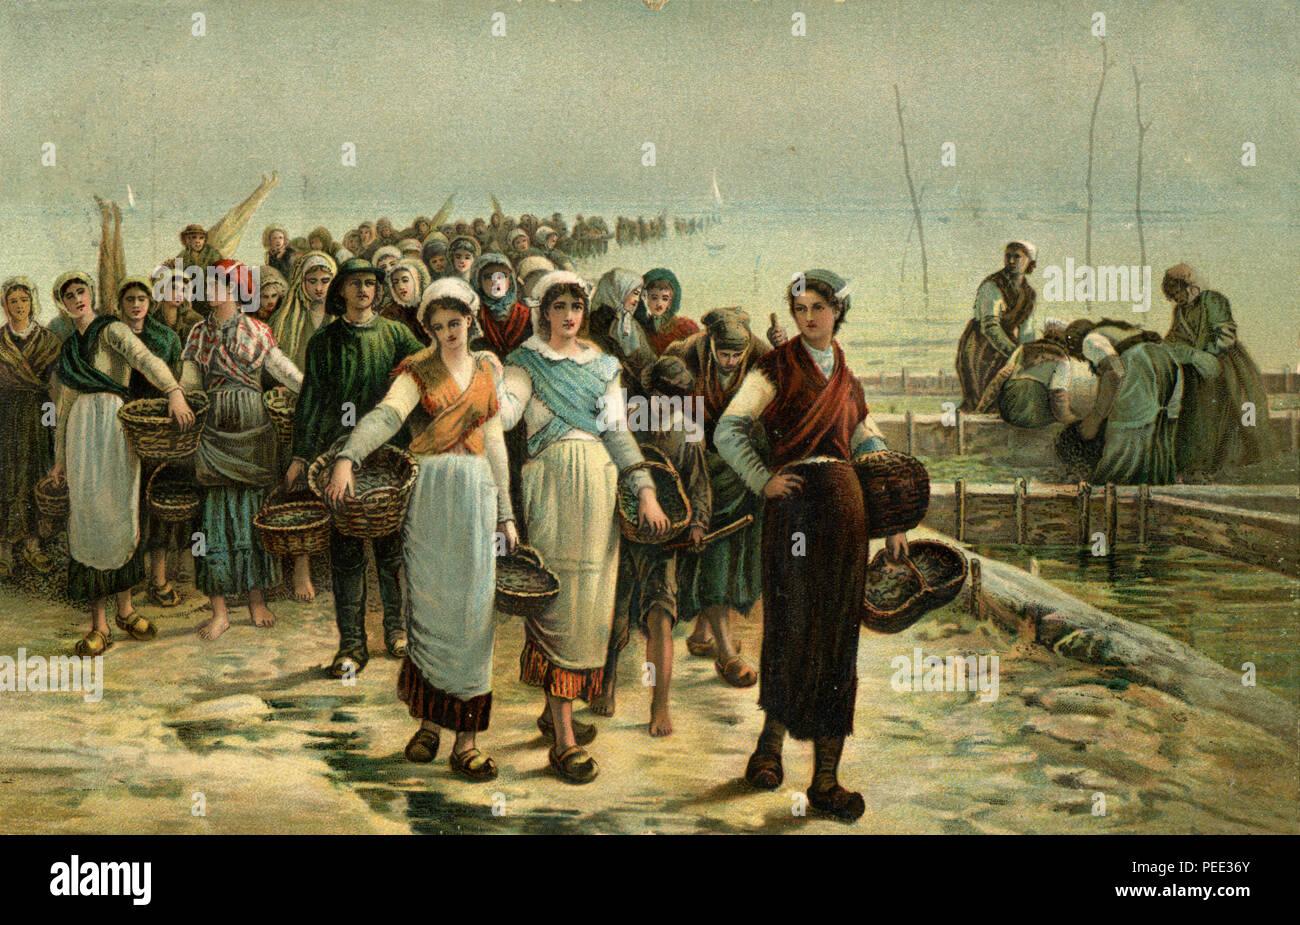 Rückkehr der Austernfischer (Retour de la Peche aux Huitres), Farbe Lithografie nach dem Gemälde von Auguste Feyen-Perrin, 1908, Auguste Feyen-Perrin Stockbild